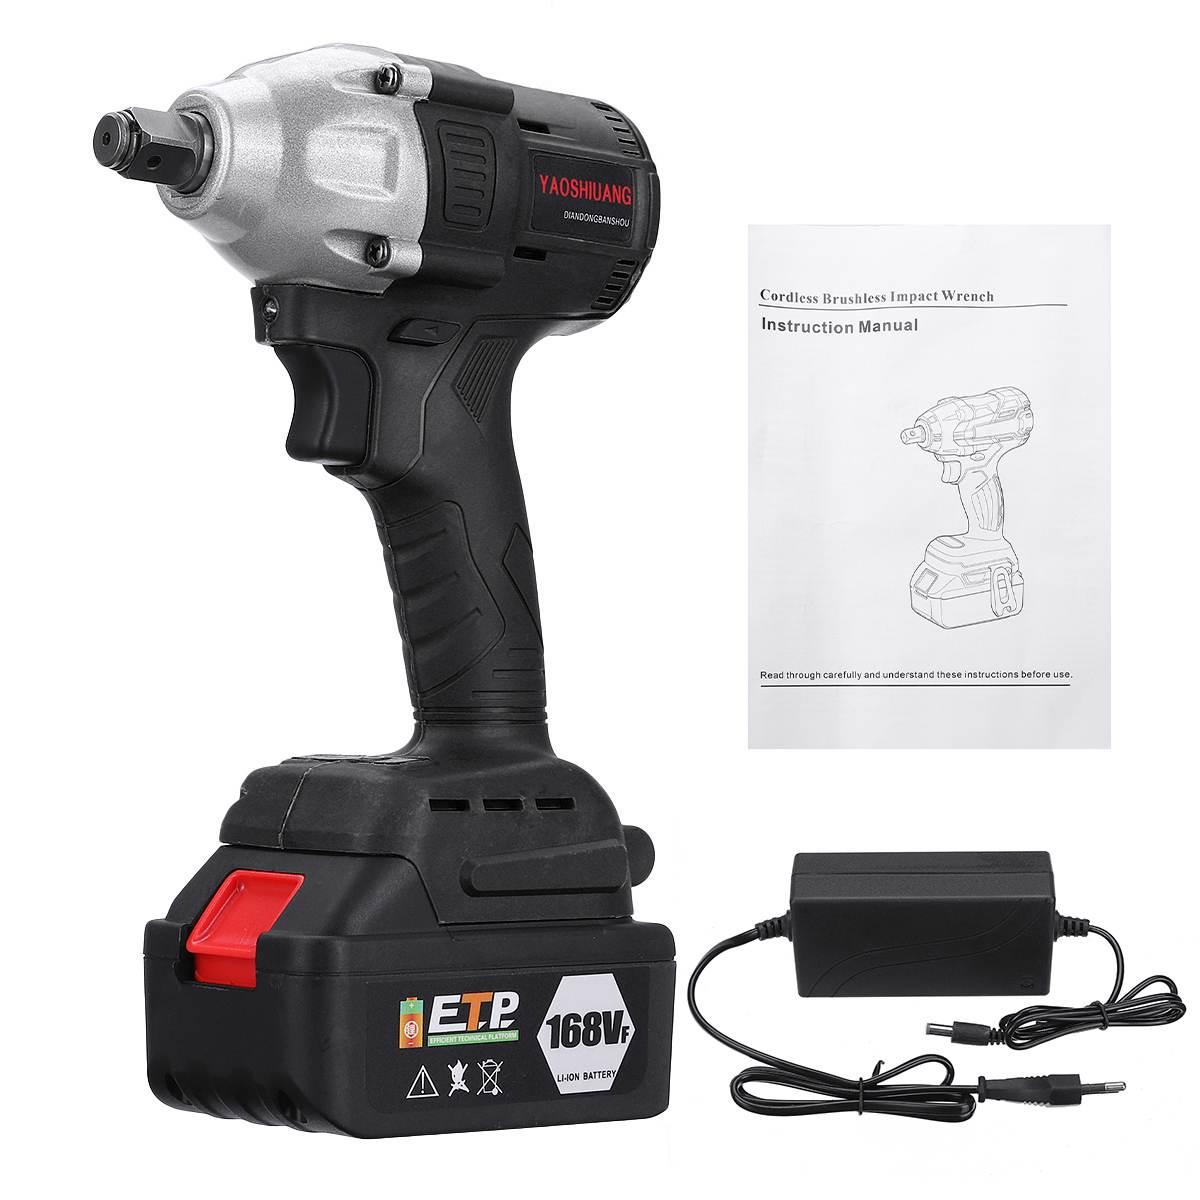 Doersupp 630NM 16800mAh sin escobillas llave eléctrica de impacto llave eléctrica 168VF 1/2 110-240 V con herramienta eléctrica de batería